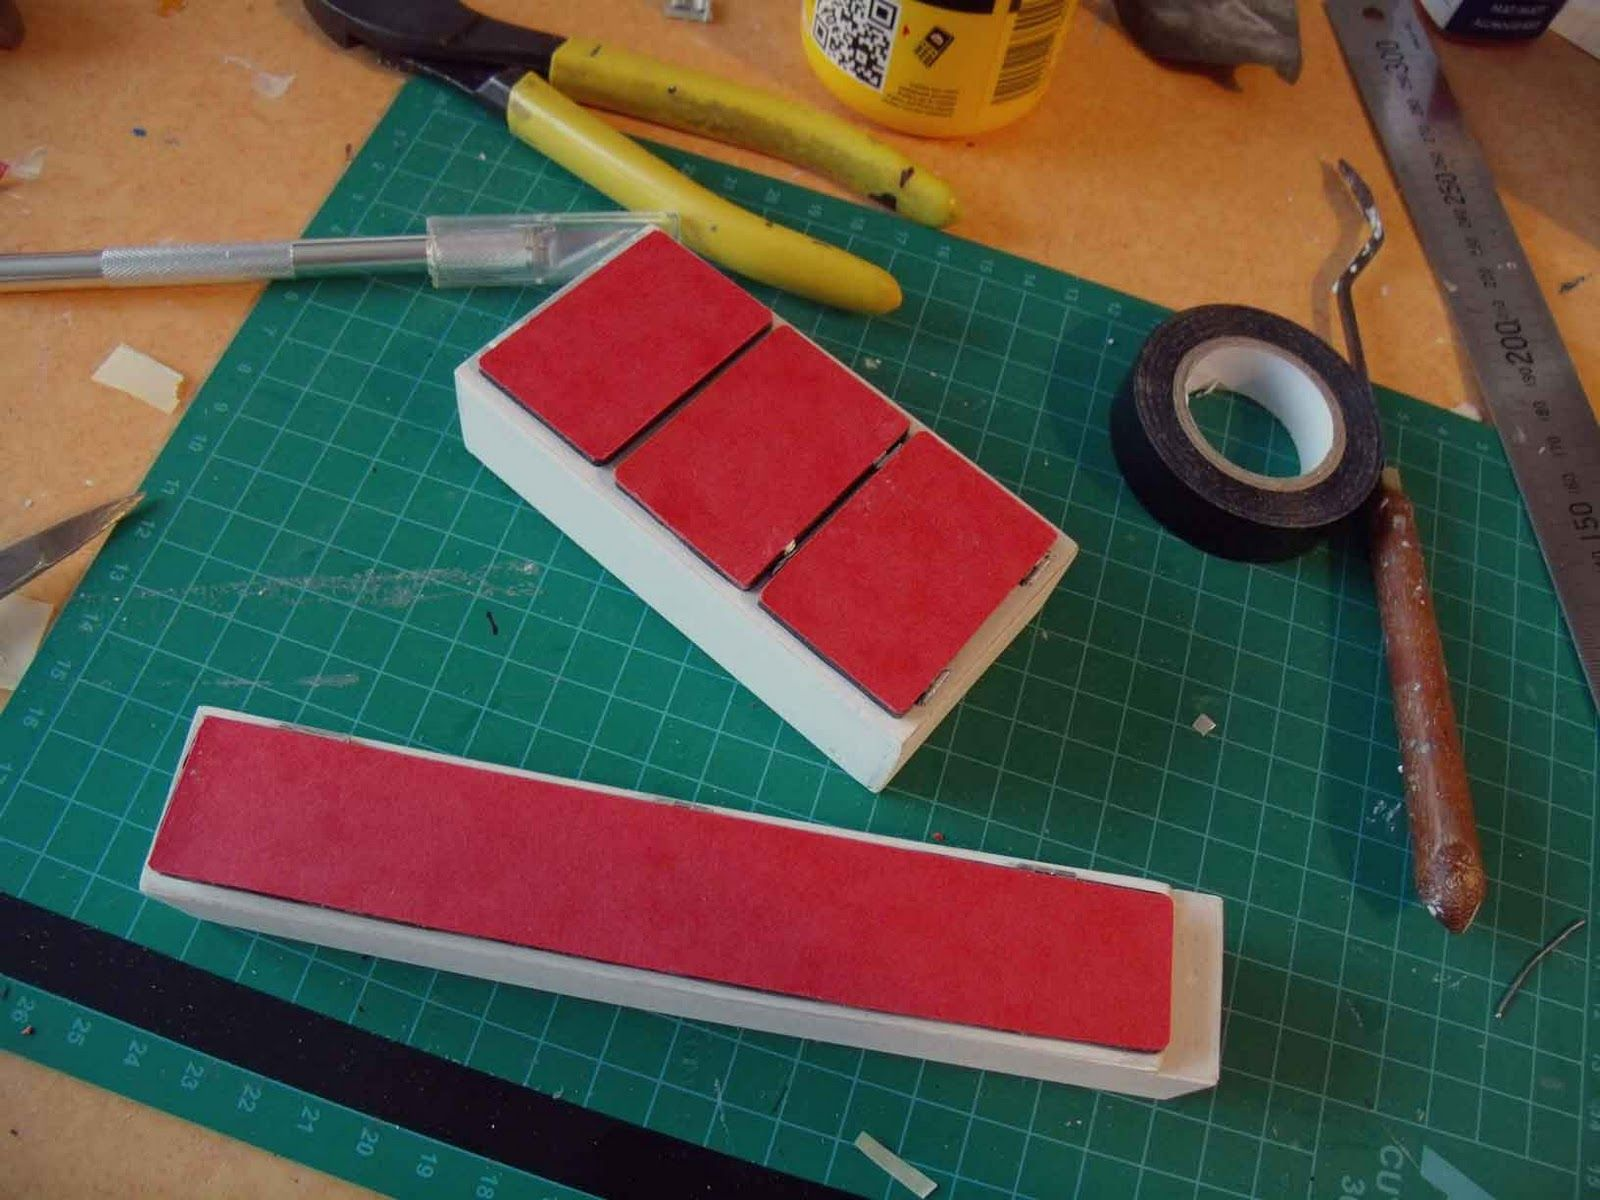 La gazinière ...   J'ai voulu réaliser la petite gazinière. Mais ne connaissant pas la technique de la carte plastique. Ne voulant pas ut...